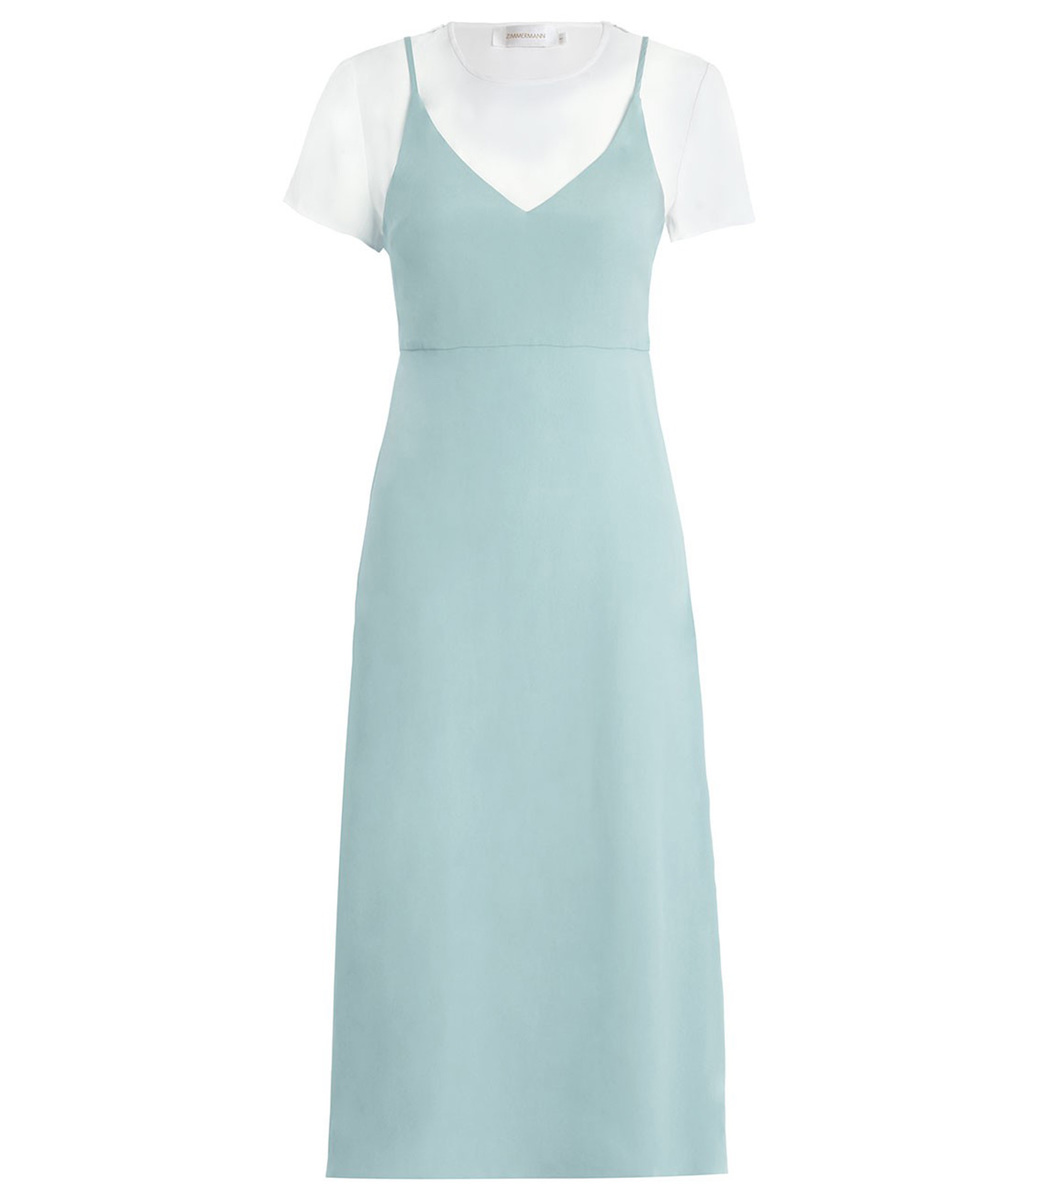 ZIMMERMANN FOAM TEE SLIP DRESS, BLUE,WHITE | ModeSens